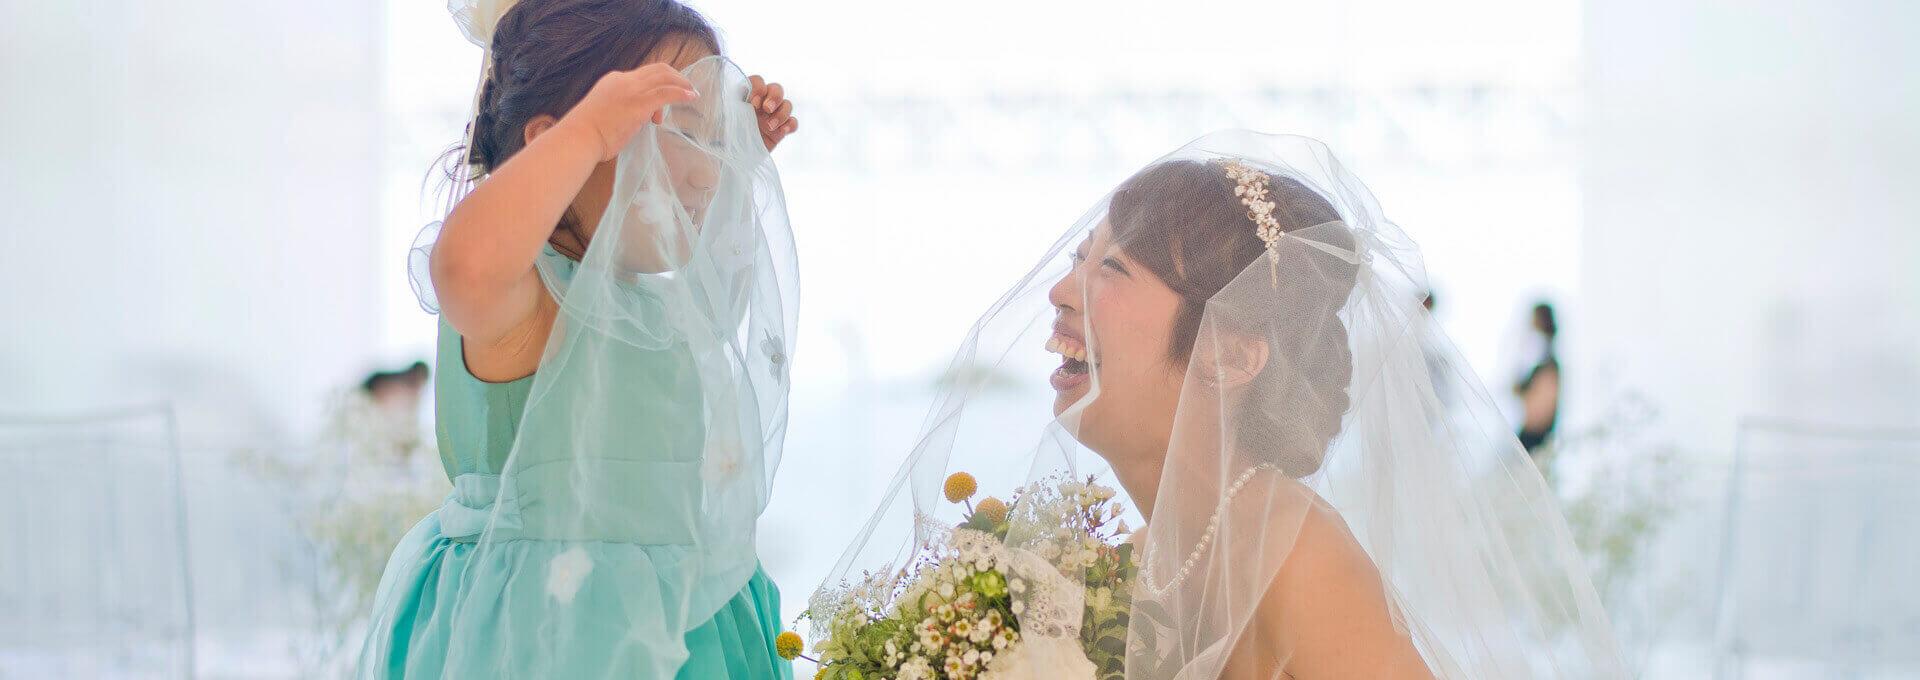 日本古来の結婚式である和婚(神社挙式)の撮影もお任せ下さい